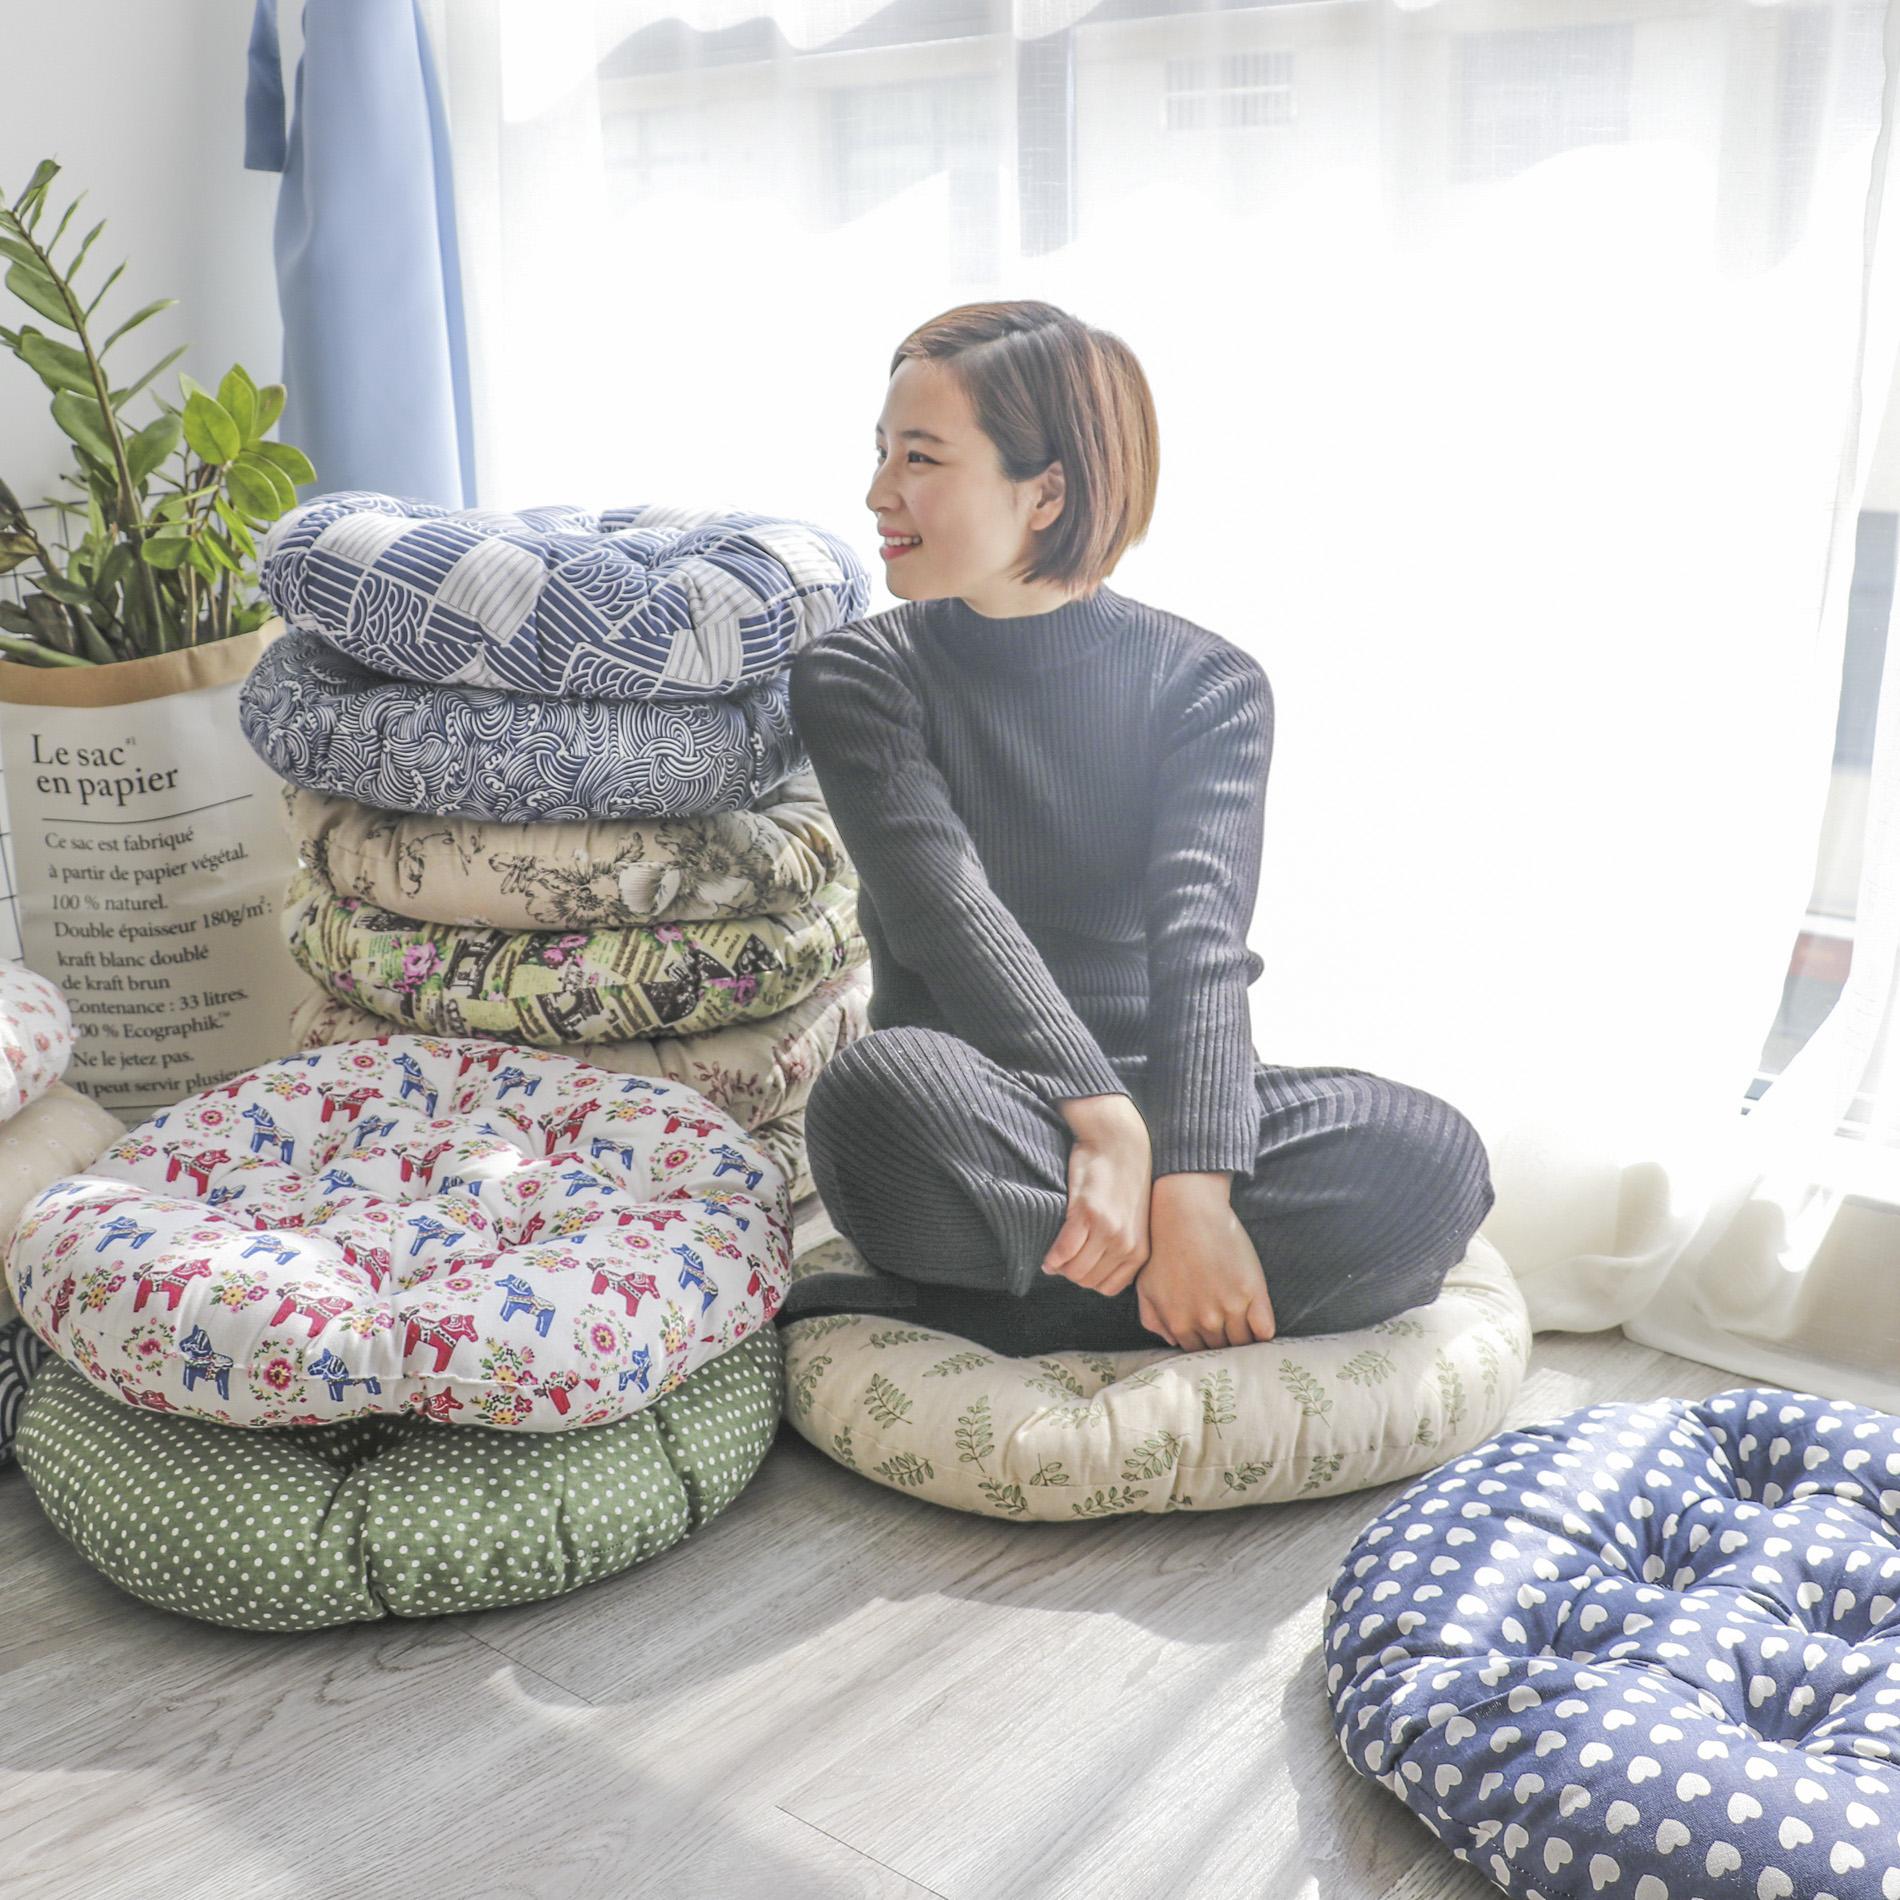 Японский стиль хлопок Льняное искусство футон мата татами круглый плавающий окно подушка утепленный земля панель Стул подушки студент мягкой кошки собака